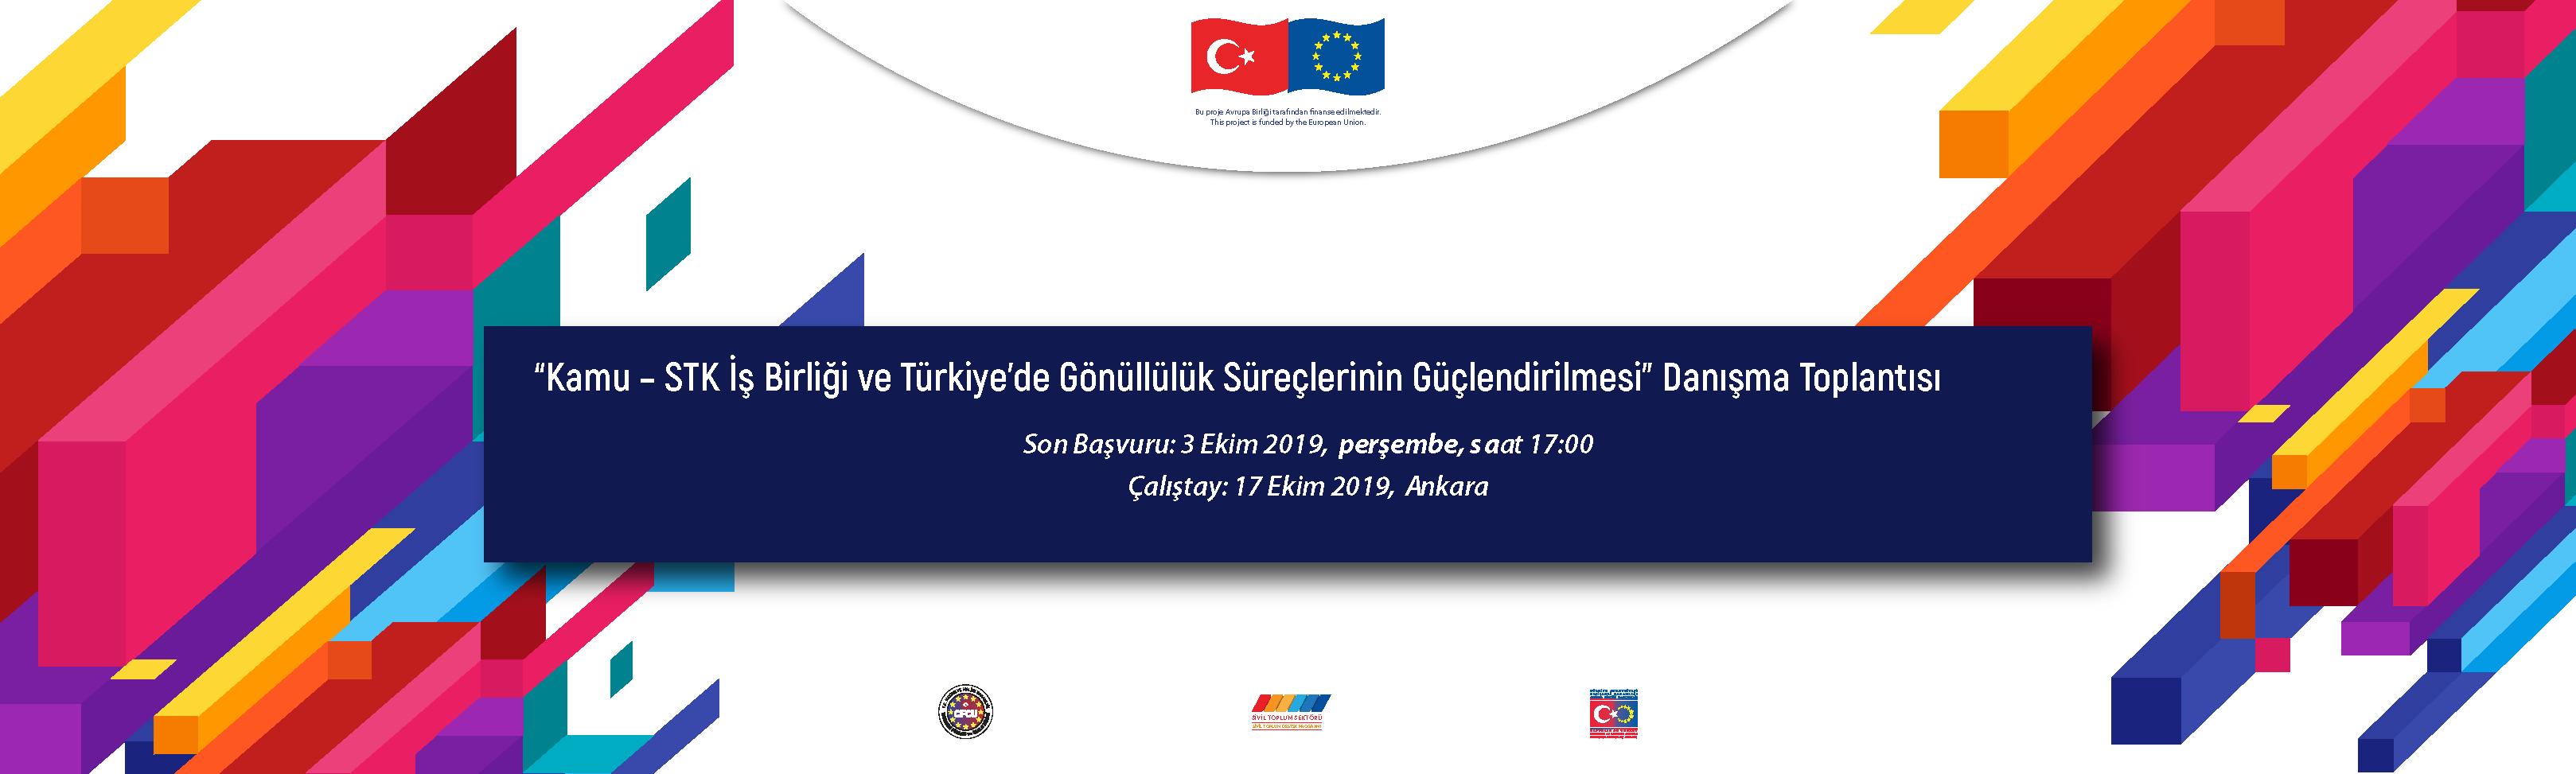 """Sivil Toplum Sektörü Danışma Toplantısı """"Kamu – STK İşbirliği ve Türkiye'de Gönüllülük Süreçlerinin Güçlendirilmesi"""""""